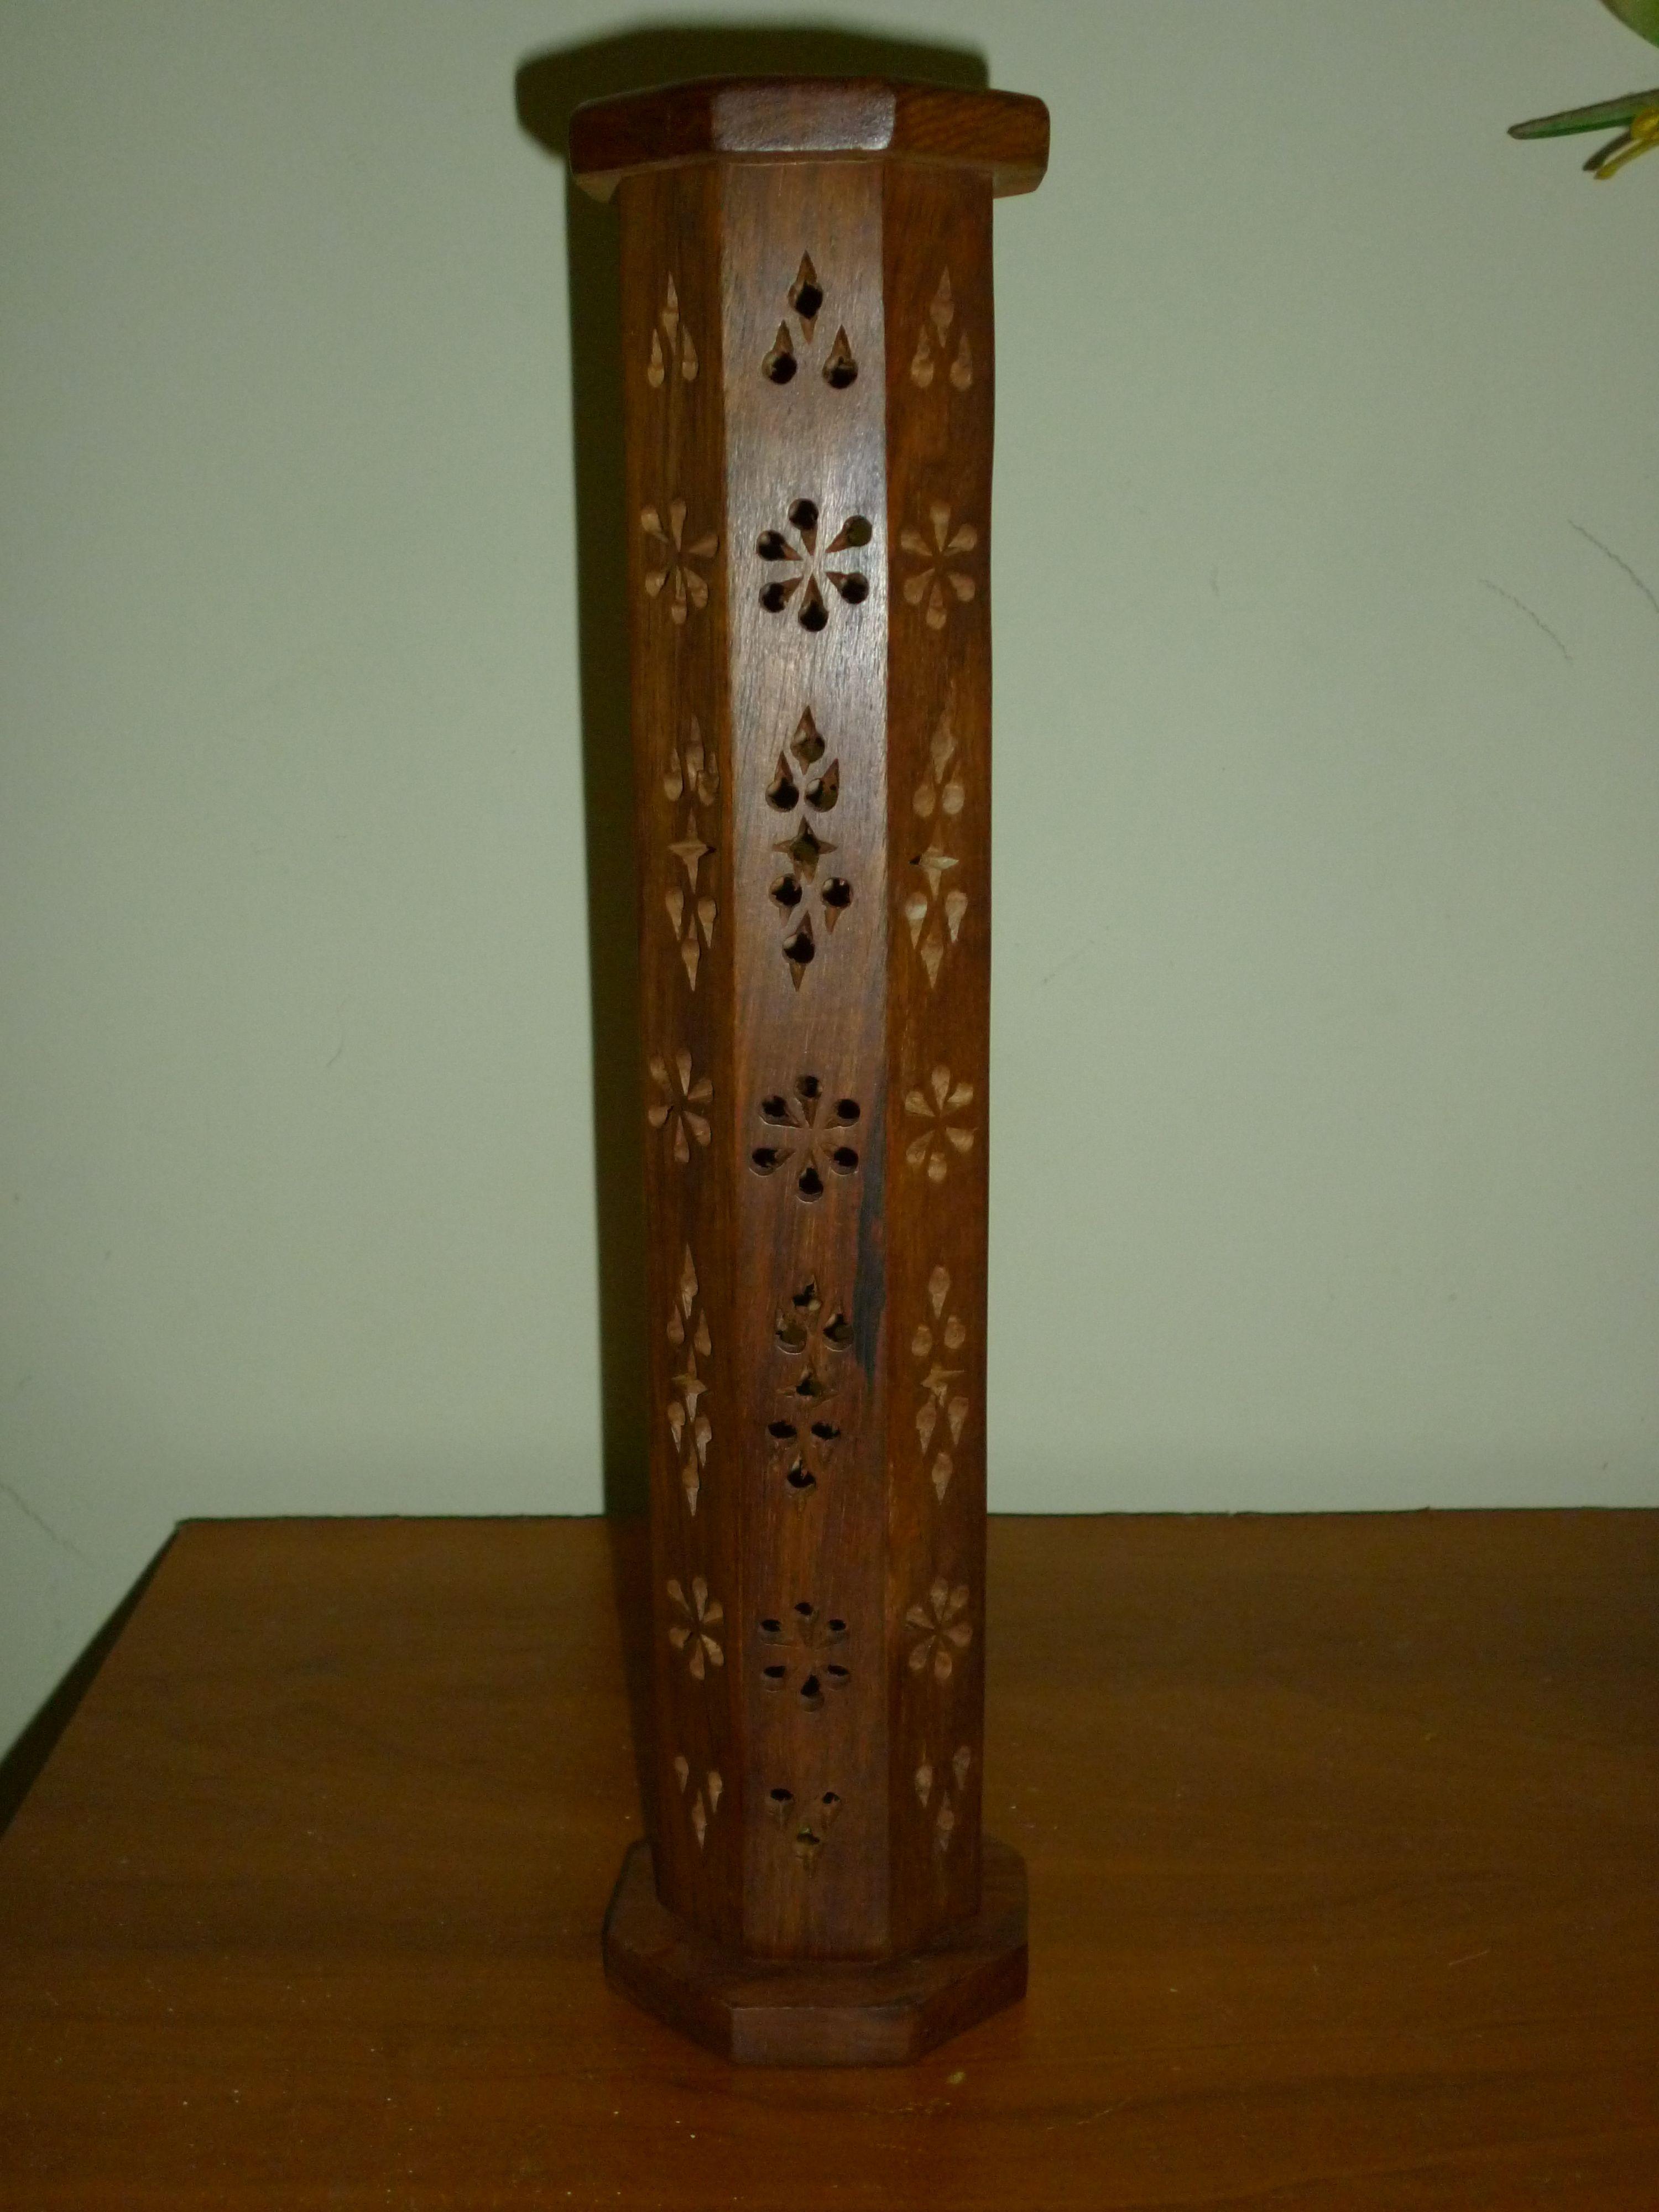 297bf635738 Porta Incienso o Brisera de Madera con detalles tallados a mano, consta de  2 piezas, base para 4 inciensos y tapa (Foto 1)